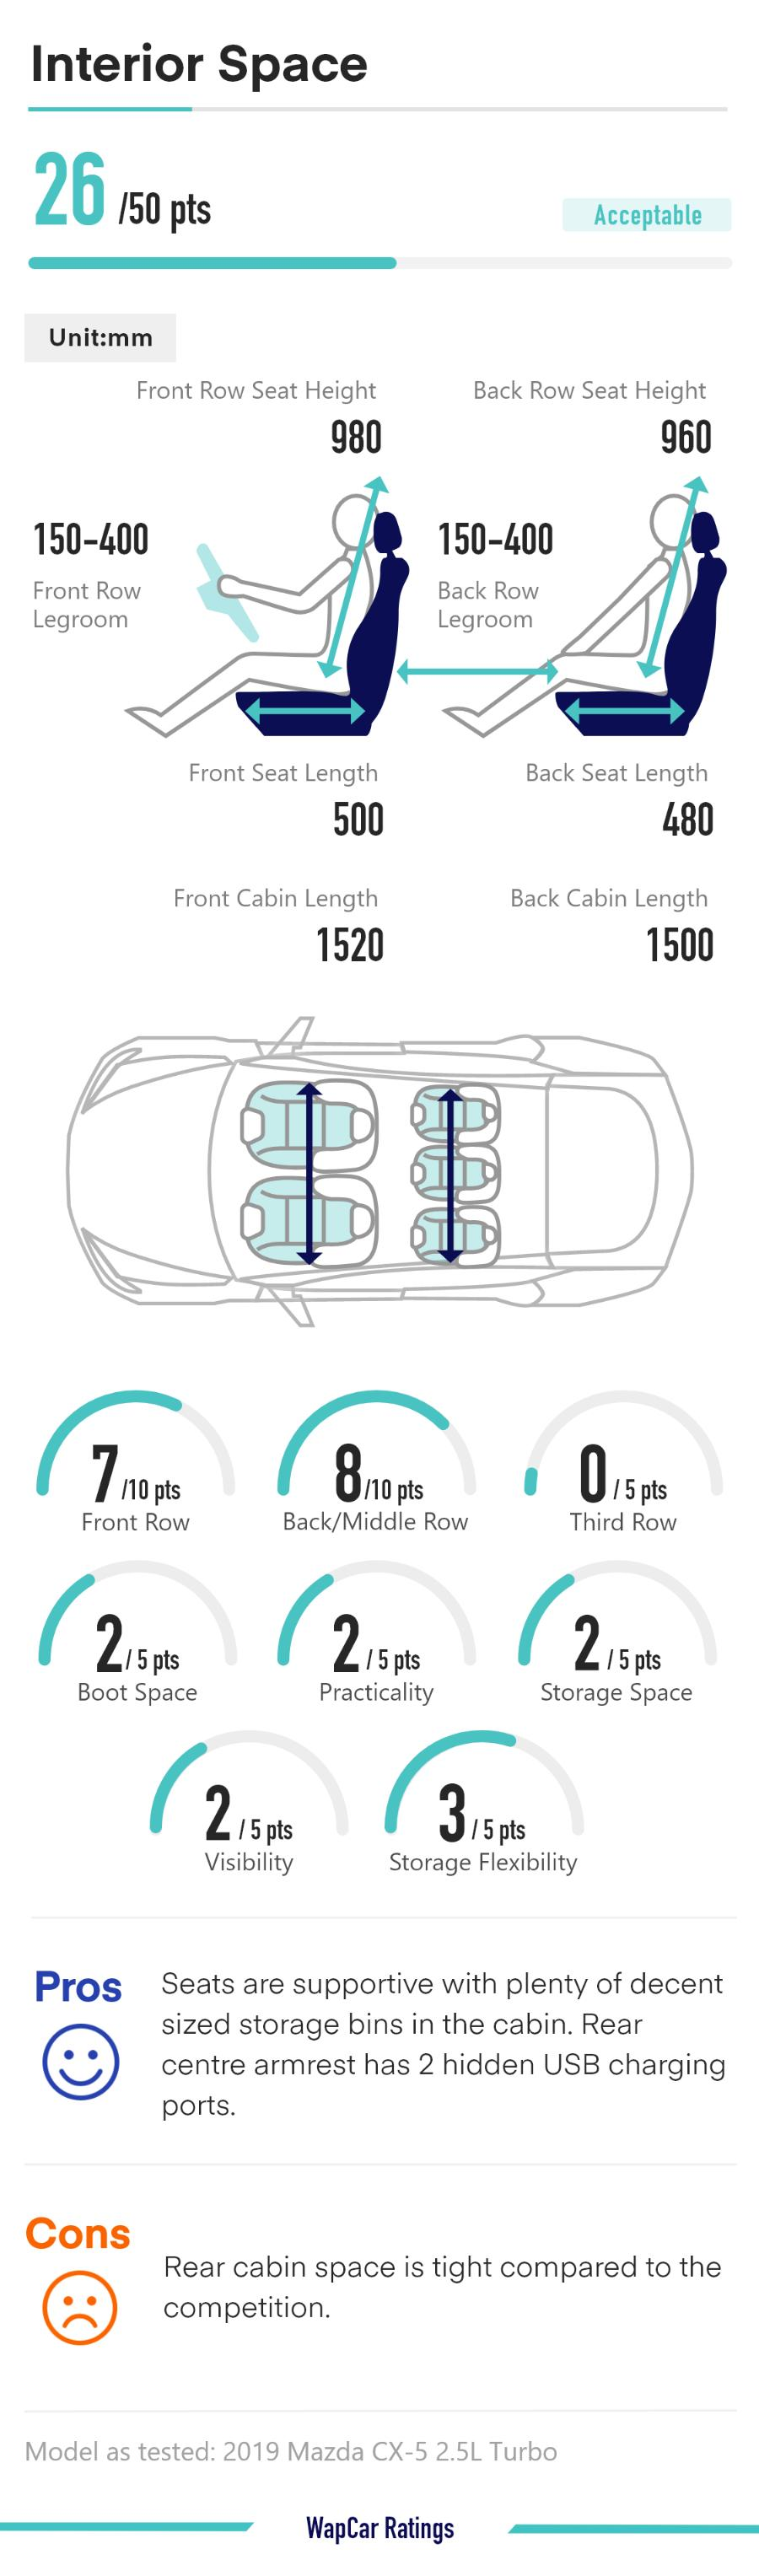 Ratings Comparison: Proton X70 vs Honda CR-V vs Mazda CX-5 - Space and practicality 02